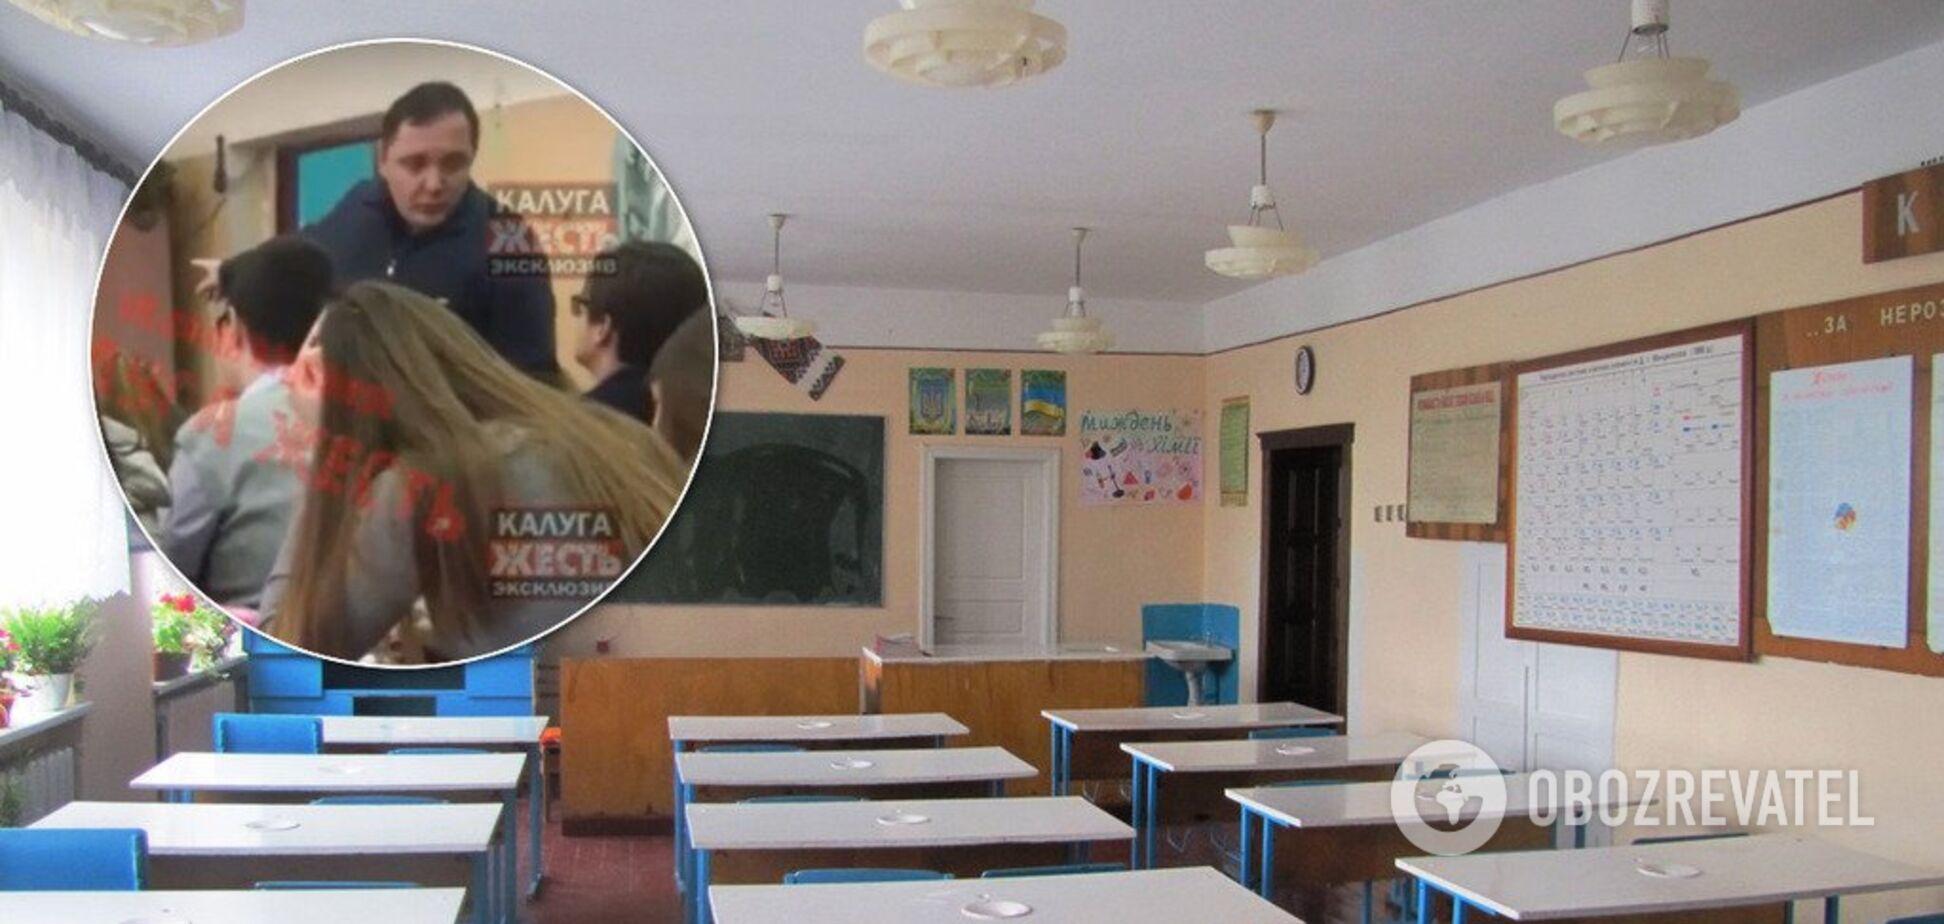 'Завис' в телефоне: в России учитель на камеру устроил драку с учеником